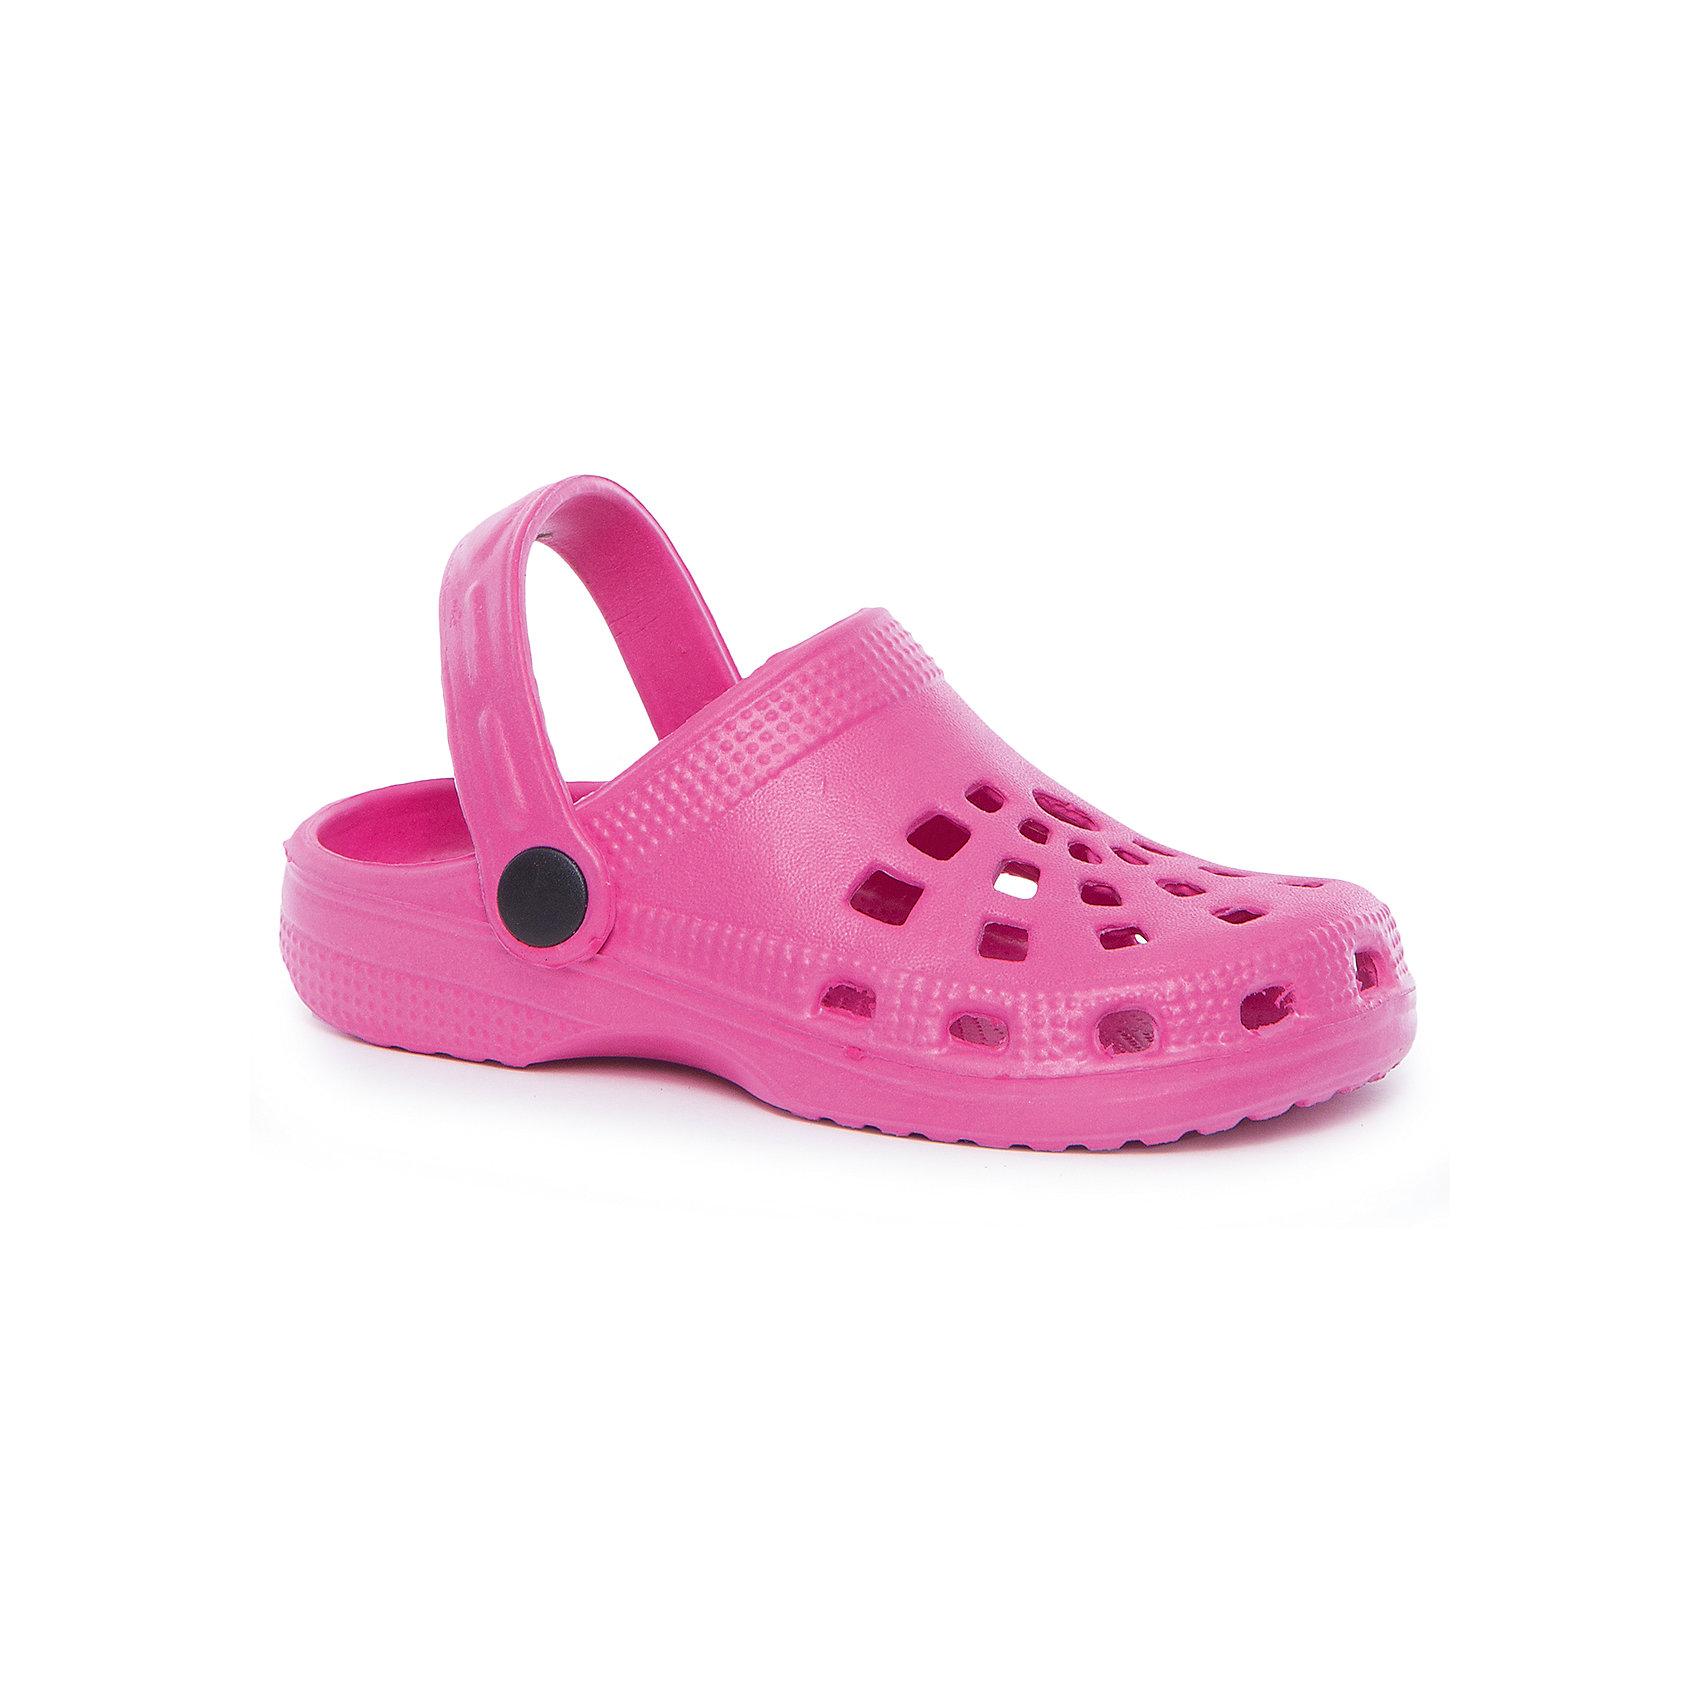 Сабо для девочки PlayTodayОбувь для девочек<br>Пантолеты для девочки PlayToday<br>Удобные пантолеты (кроксы) прекрасно подойдут и для поездки на пляж, и для дачи. Модель с подвижным запяточным ремнем, который можно откинуть , что позволяет легко снимать и одевать обувь. Изготовлены из легкого материала. Перфорация в верхней части обеспечивает вентиляцию ноги<br>Состав:<br>100% этилвинилацетат<br><br>Ширина мм: 225<br>Глубина мм: 139<br>Высота мм: 112<br>Вес г: 290<br>Цвет: розовый<br>Возраст от месяцев: 96<br>Возраст до месяцев: 108<br>Пол: Женский<br>Возраст: Детский<br>Размер: 32,28,29,30,31<br>SKU: 5404660